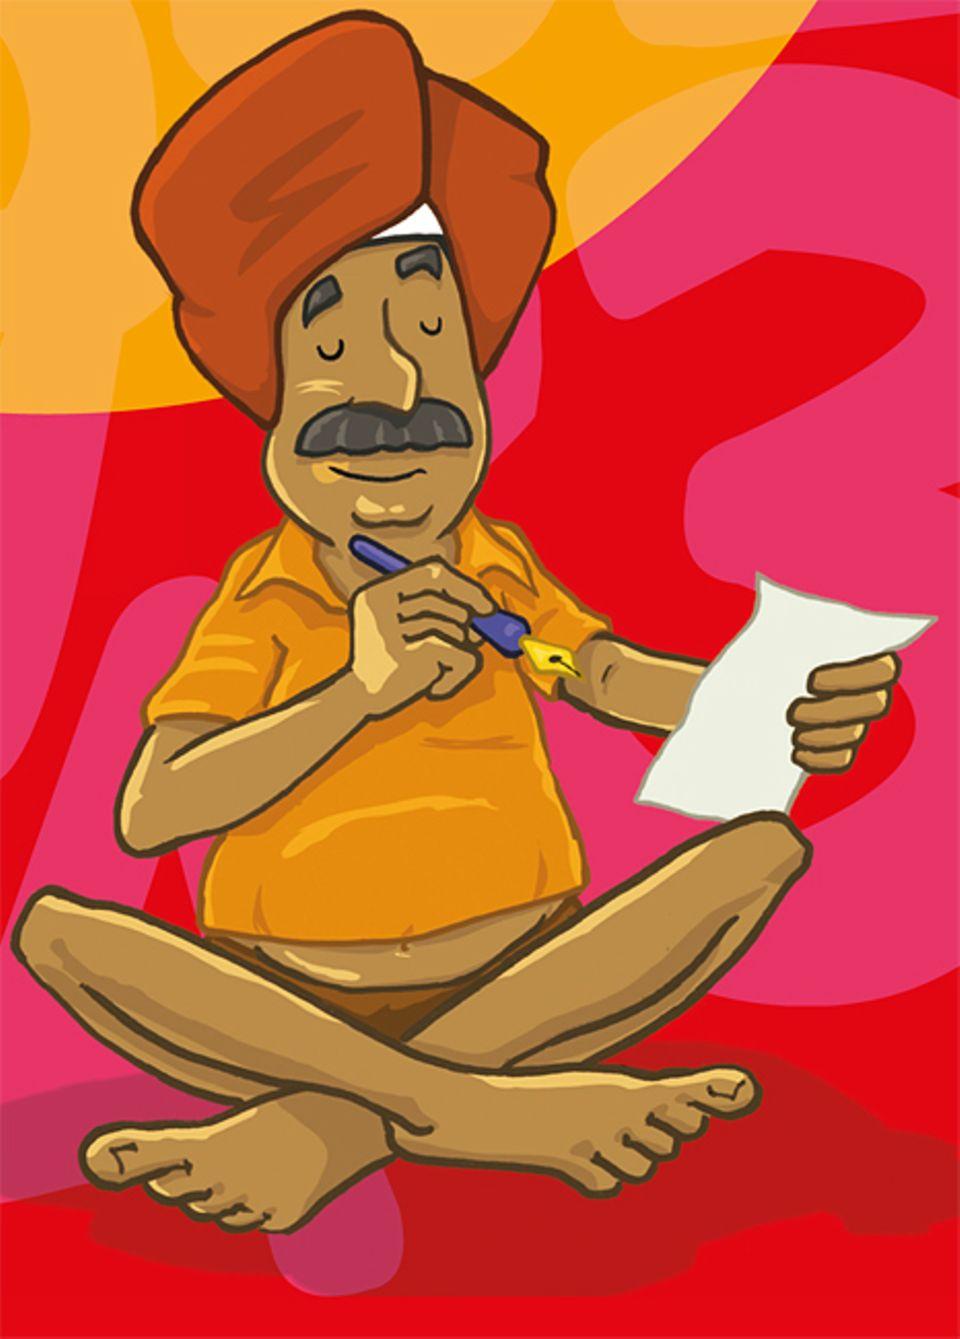 Mathematik: Die Inder haben auch ein paar geniale Rechentricks auf Lager